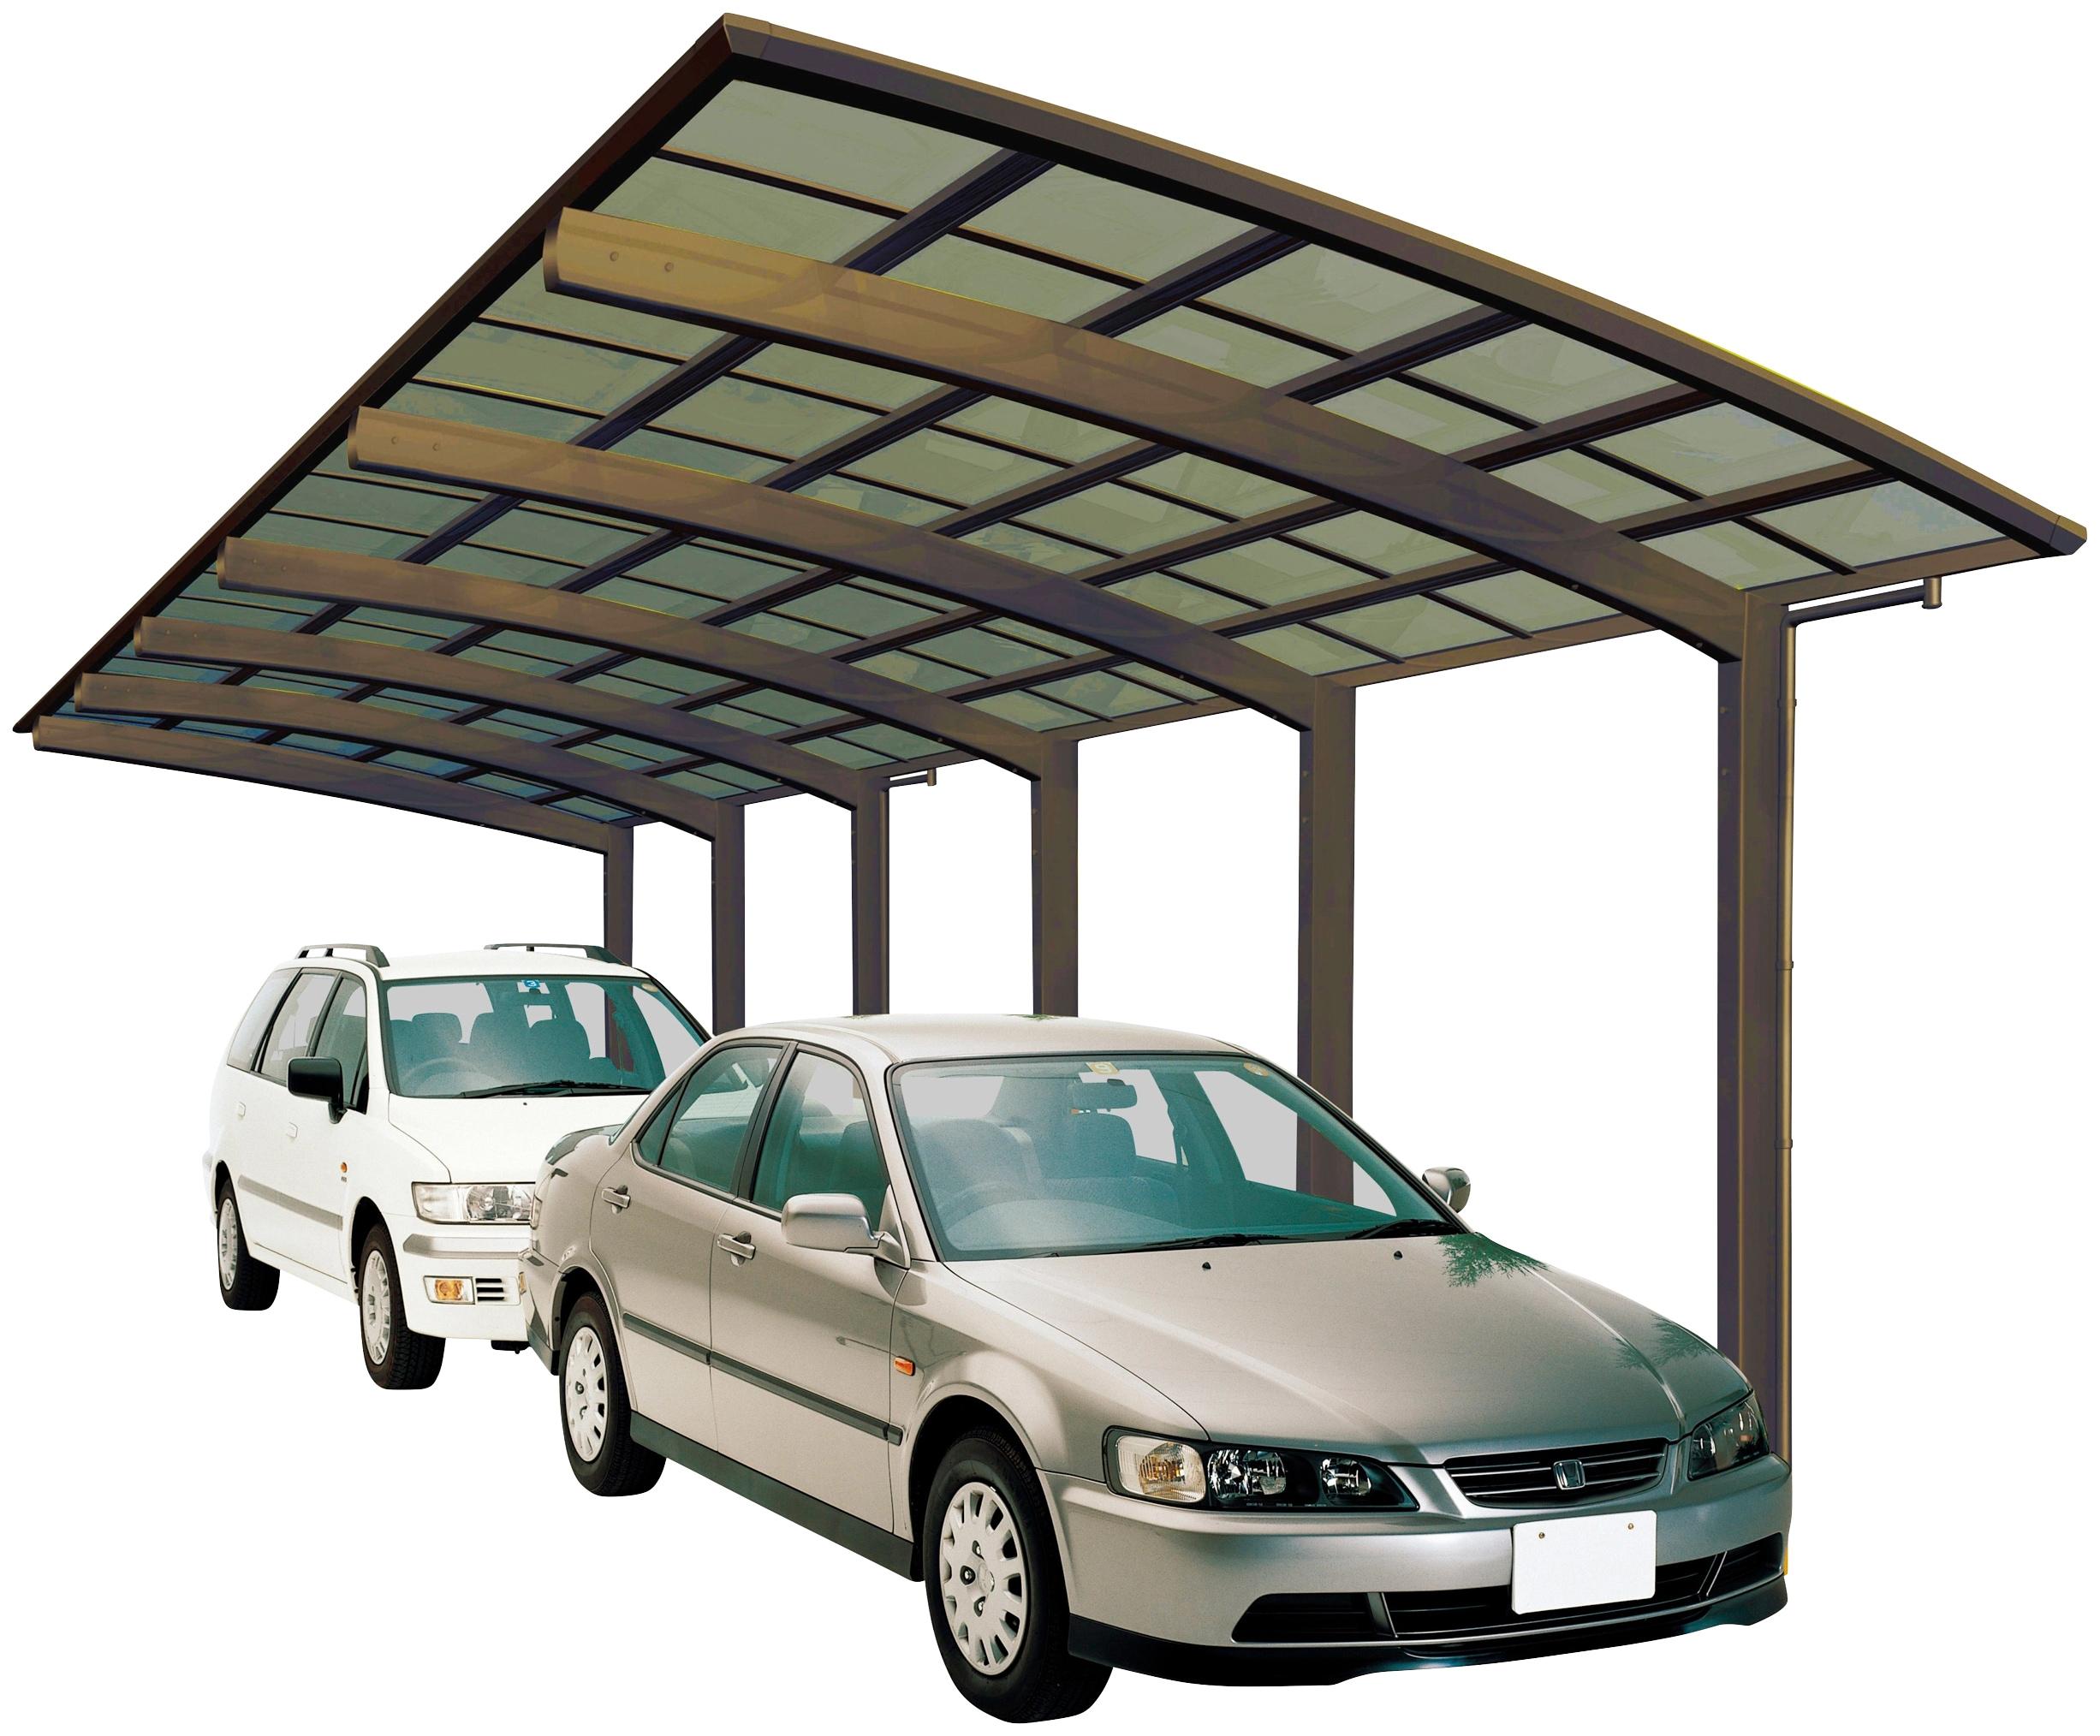 ximax doppelcarport portoforte typ 110 tandem bronze aluminium 254 cm bronze aluminium - HASE Pino Steps E6000 , HASE